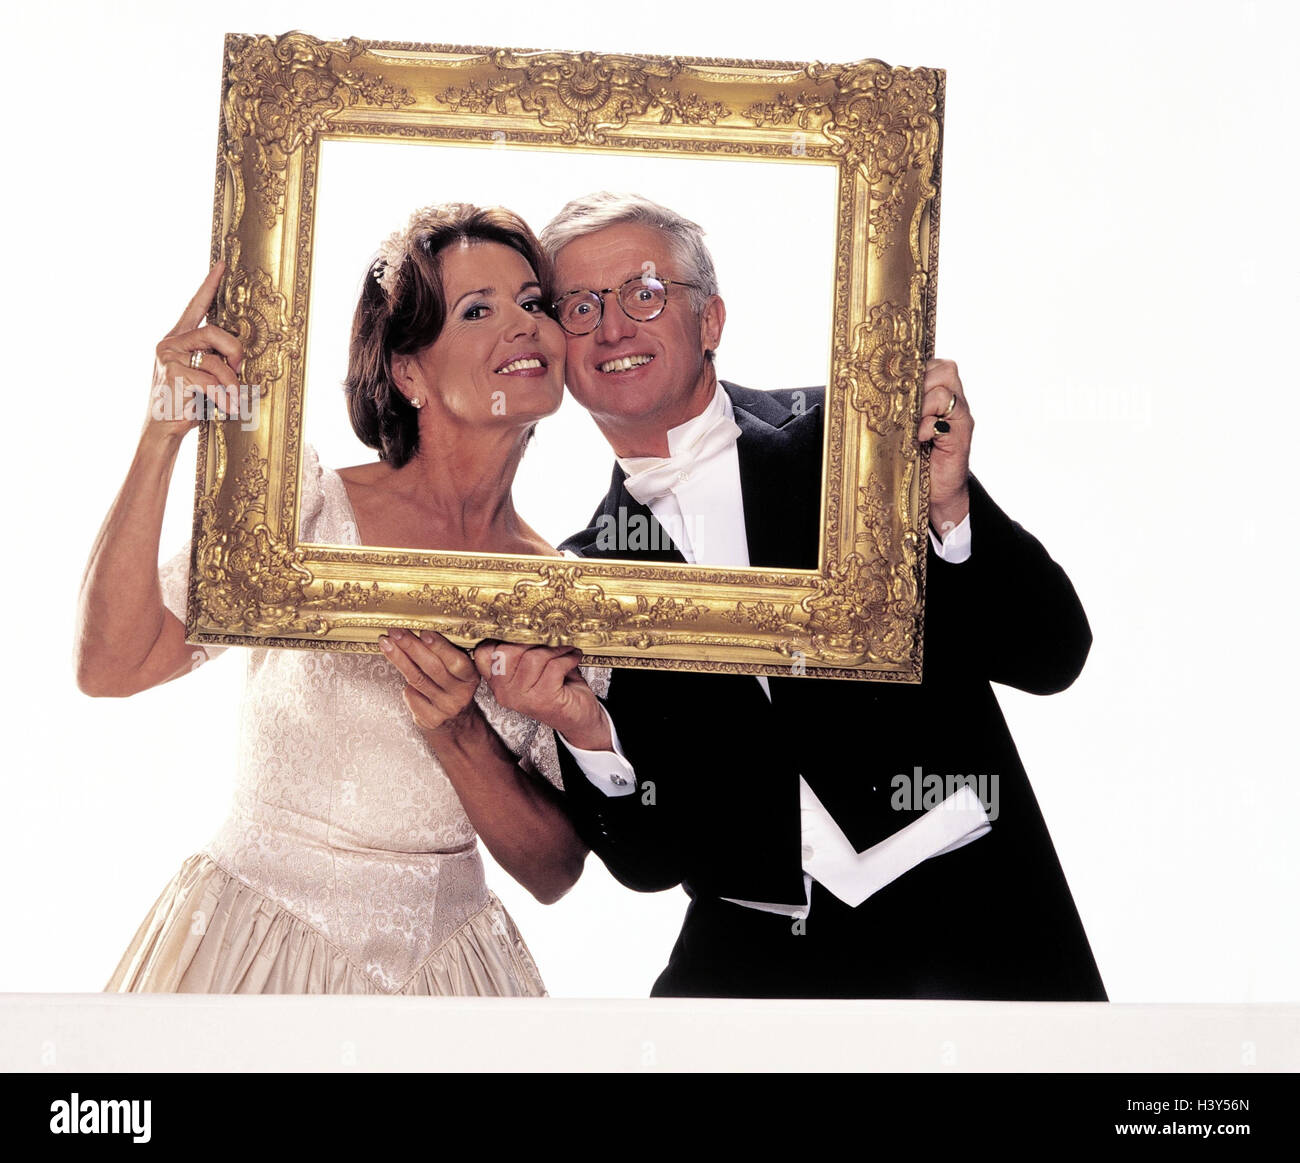 Hochzeit, Braut und Bräutigam, Bilderrahmen, halbe Porträt, Trauung ...